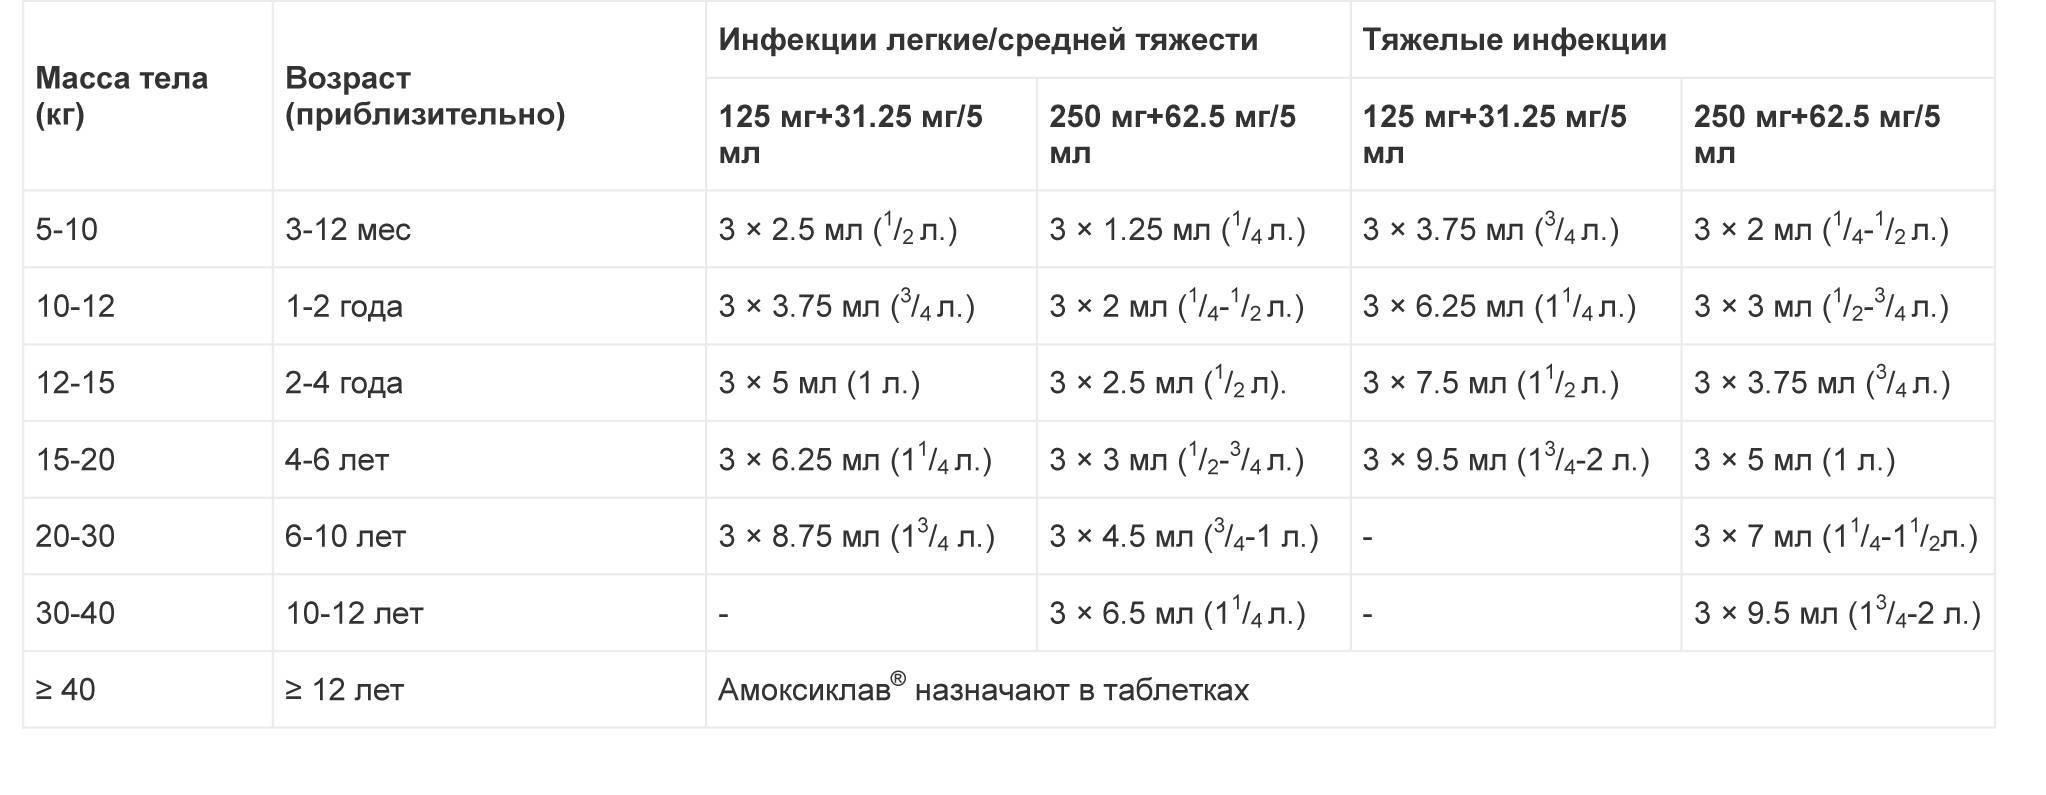 Амоксиклав 250мг + 62,5мг: инструкция, аналоги, цены и отзывы